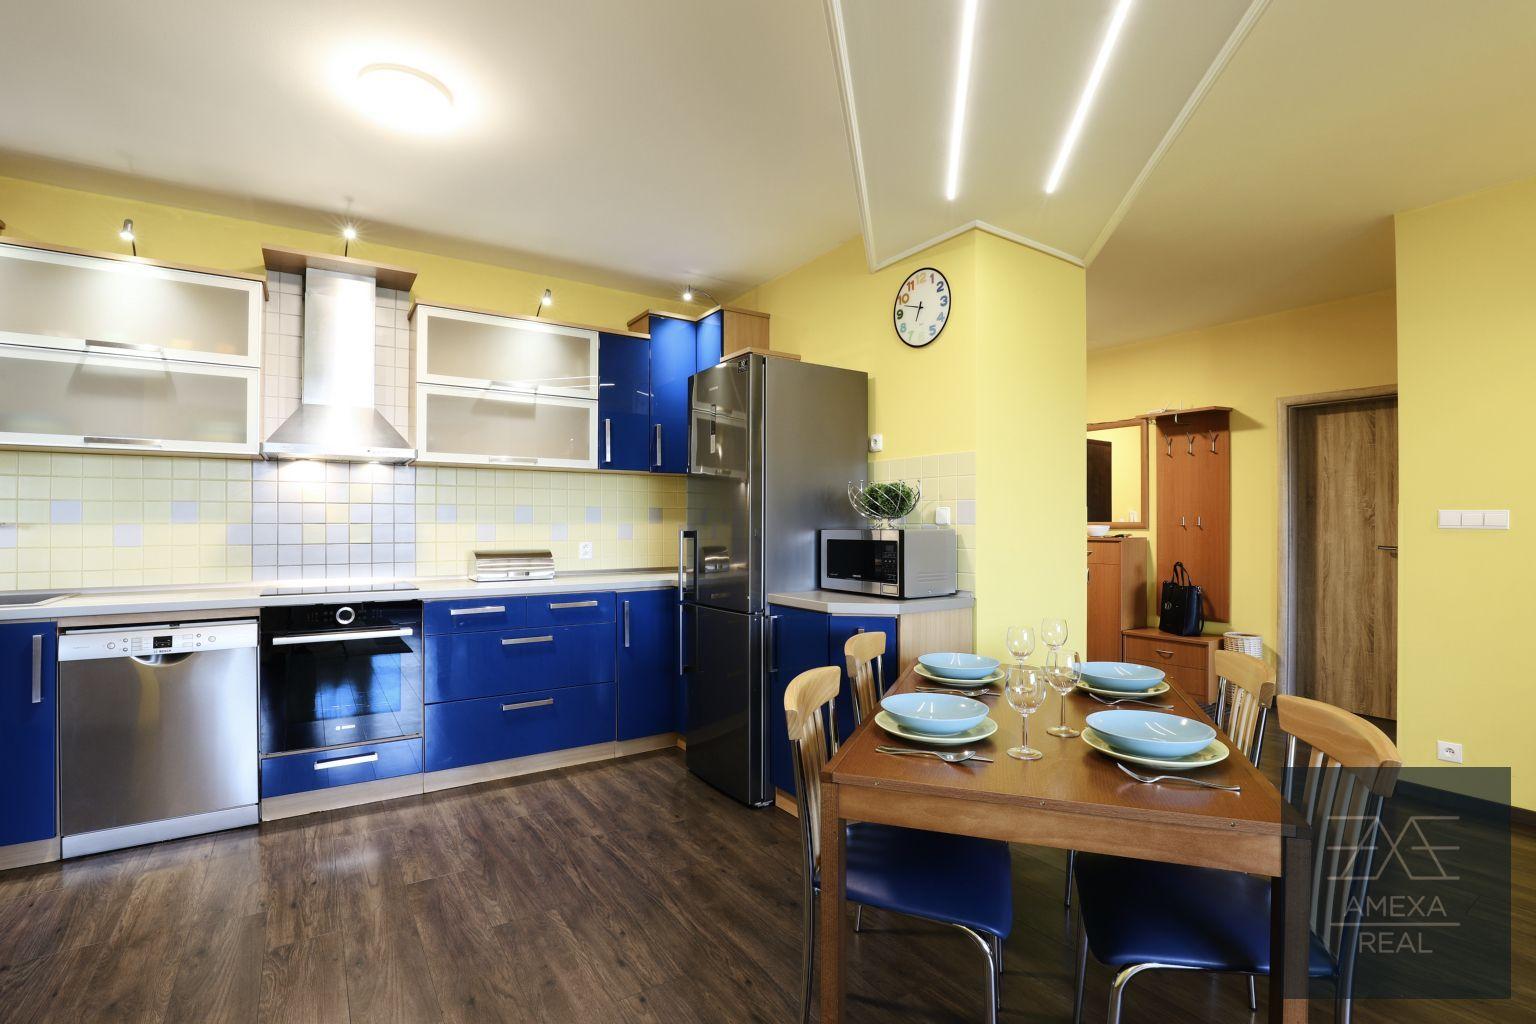 3-izbový byt-Predaj-Bratislava - mestská časť Ružinov-299000.00 €